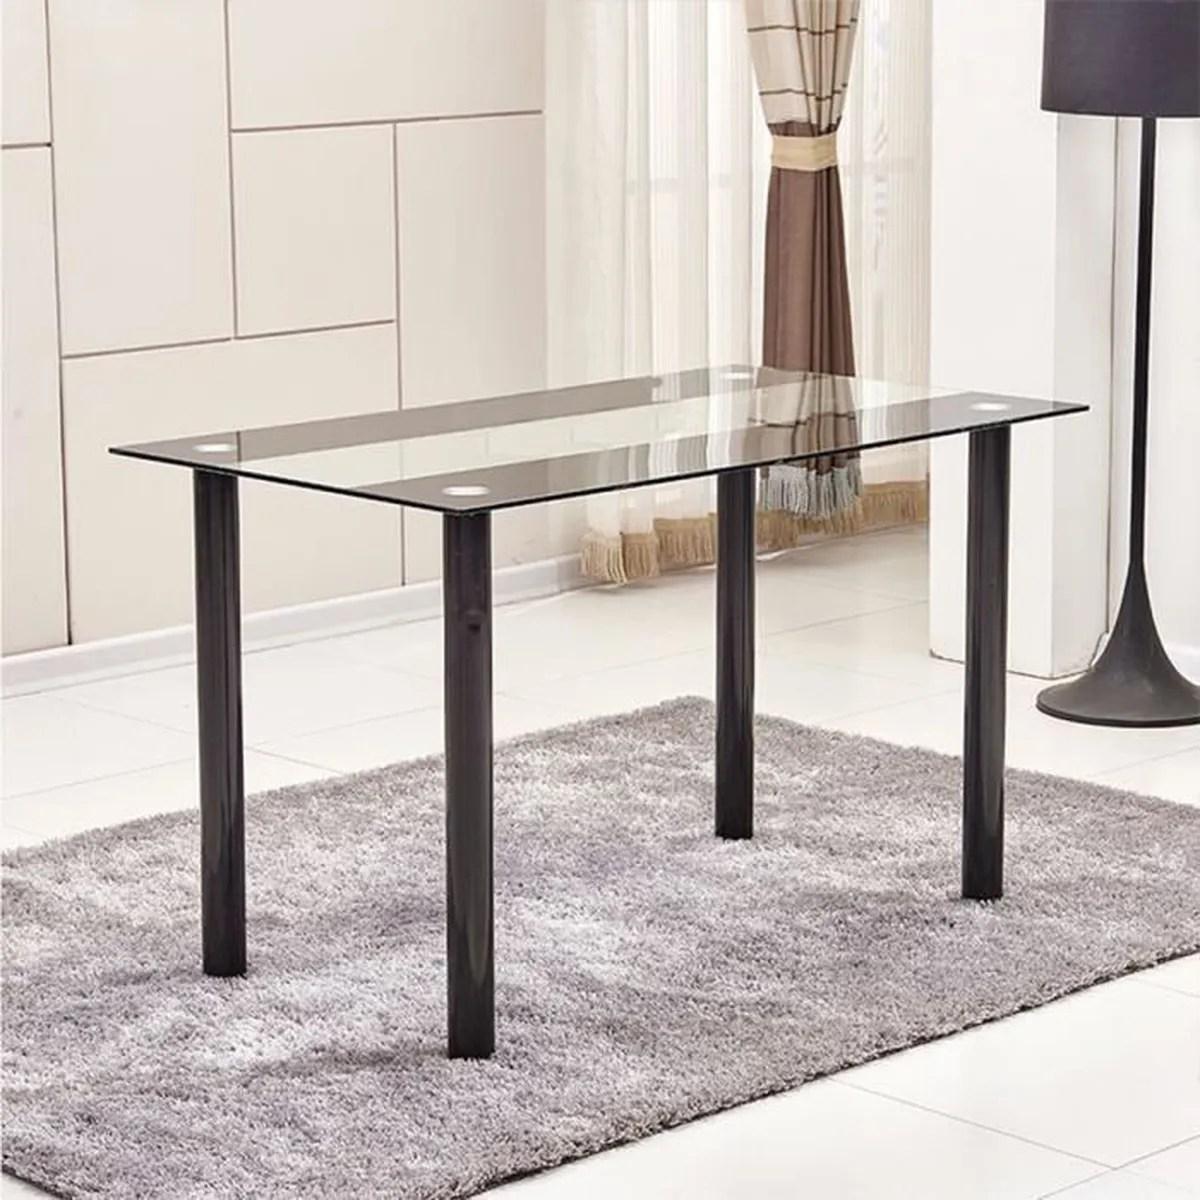 Table à Manger En Verre Métal Noir Table De Repas Pour Maison 120 60 75cm 2  Colis